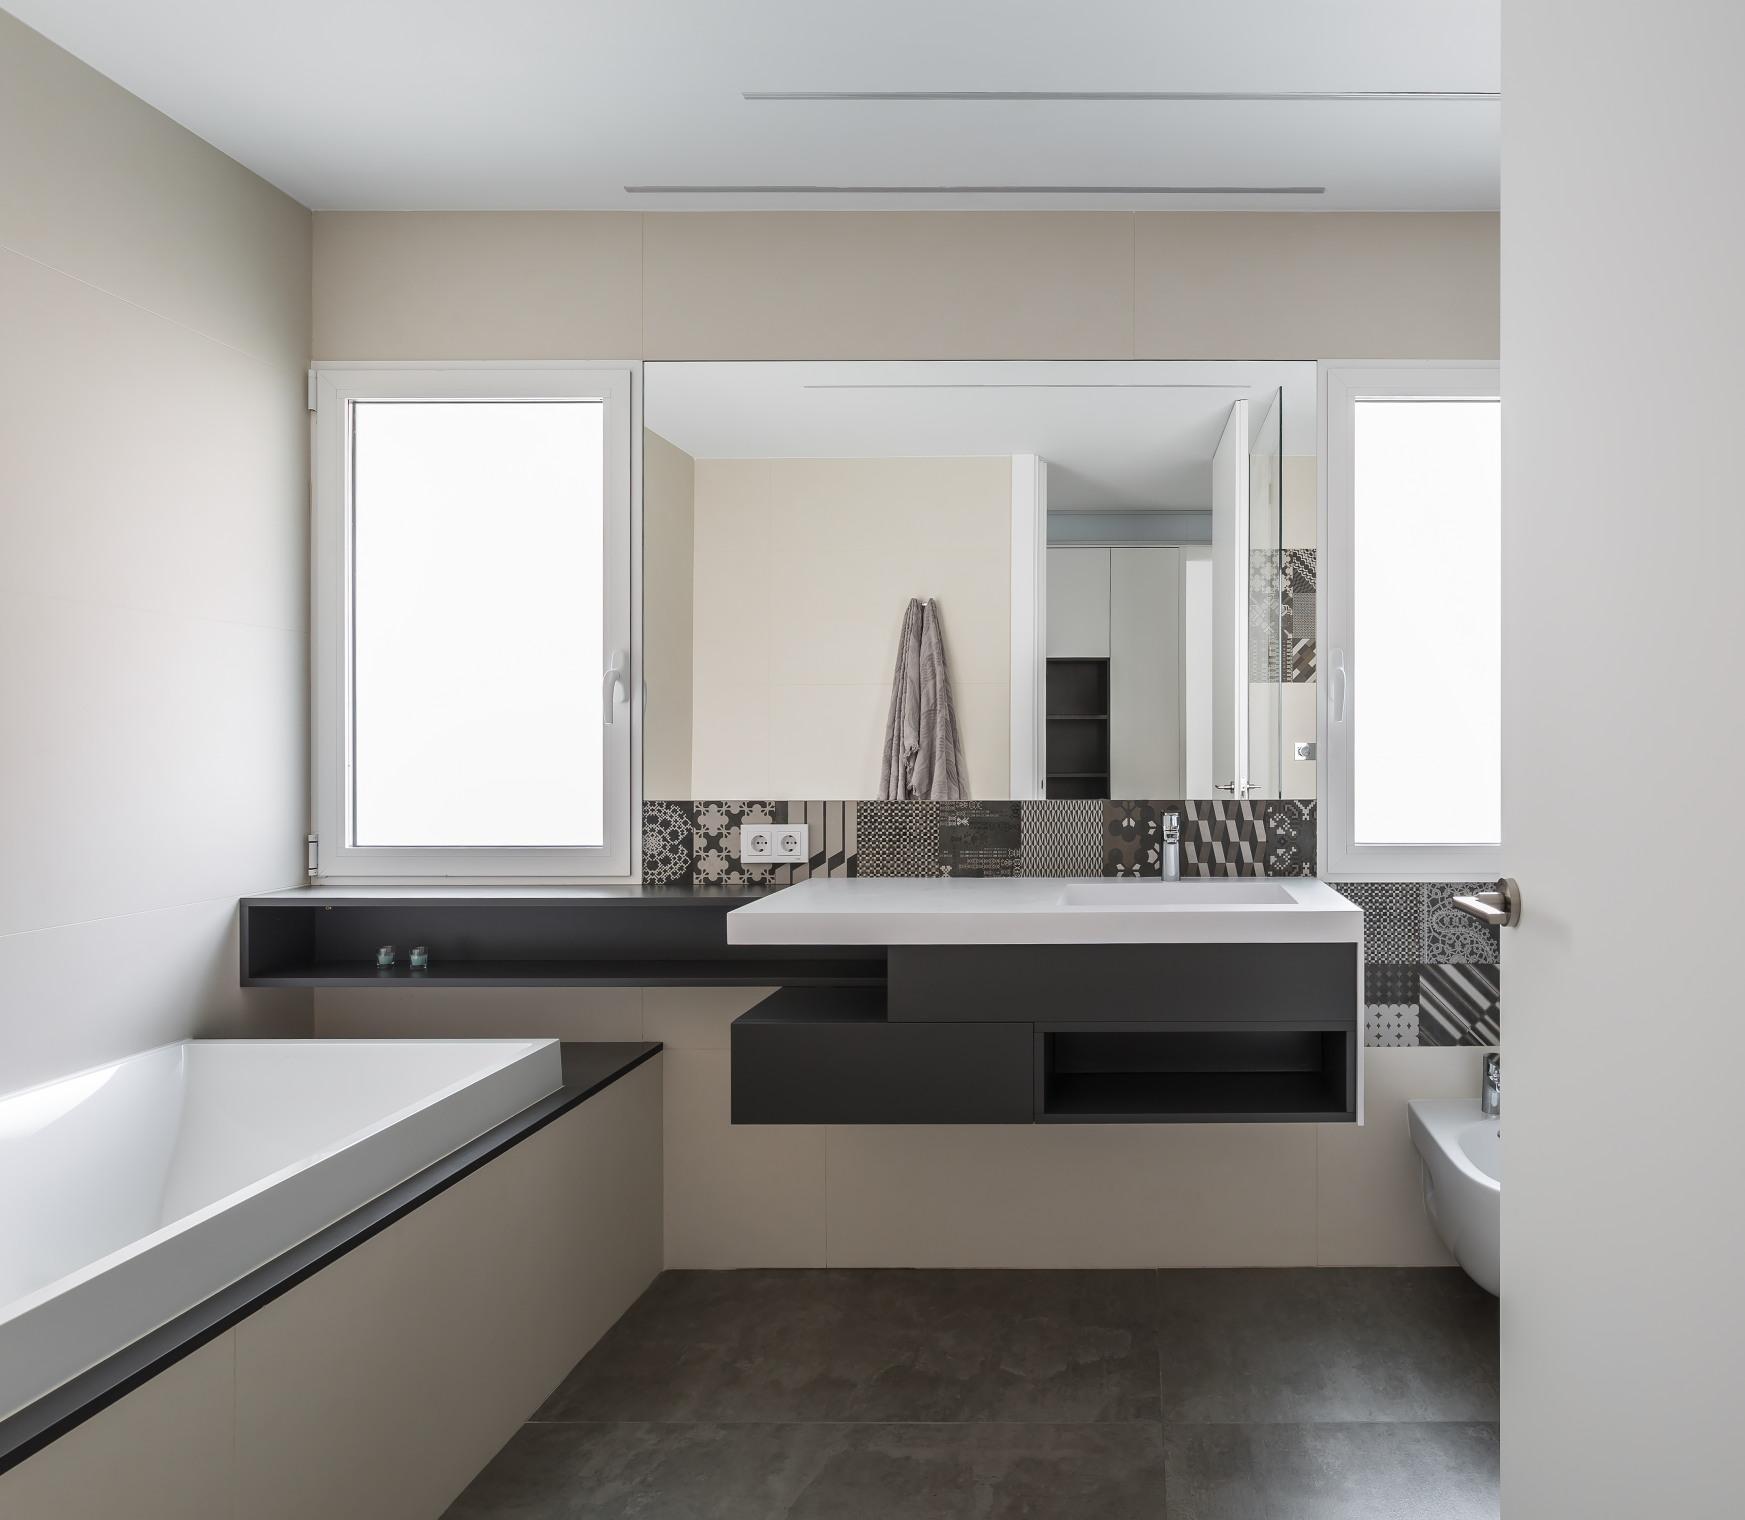 fotografia-arquitectura-valencia-german-cabo-ambau-gordillo (27)